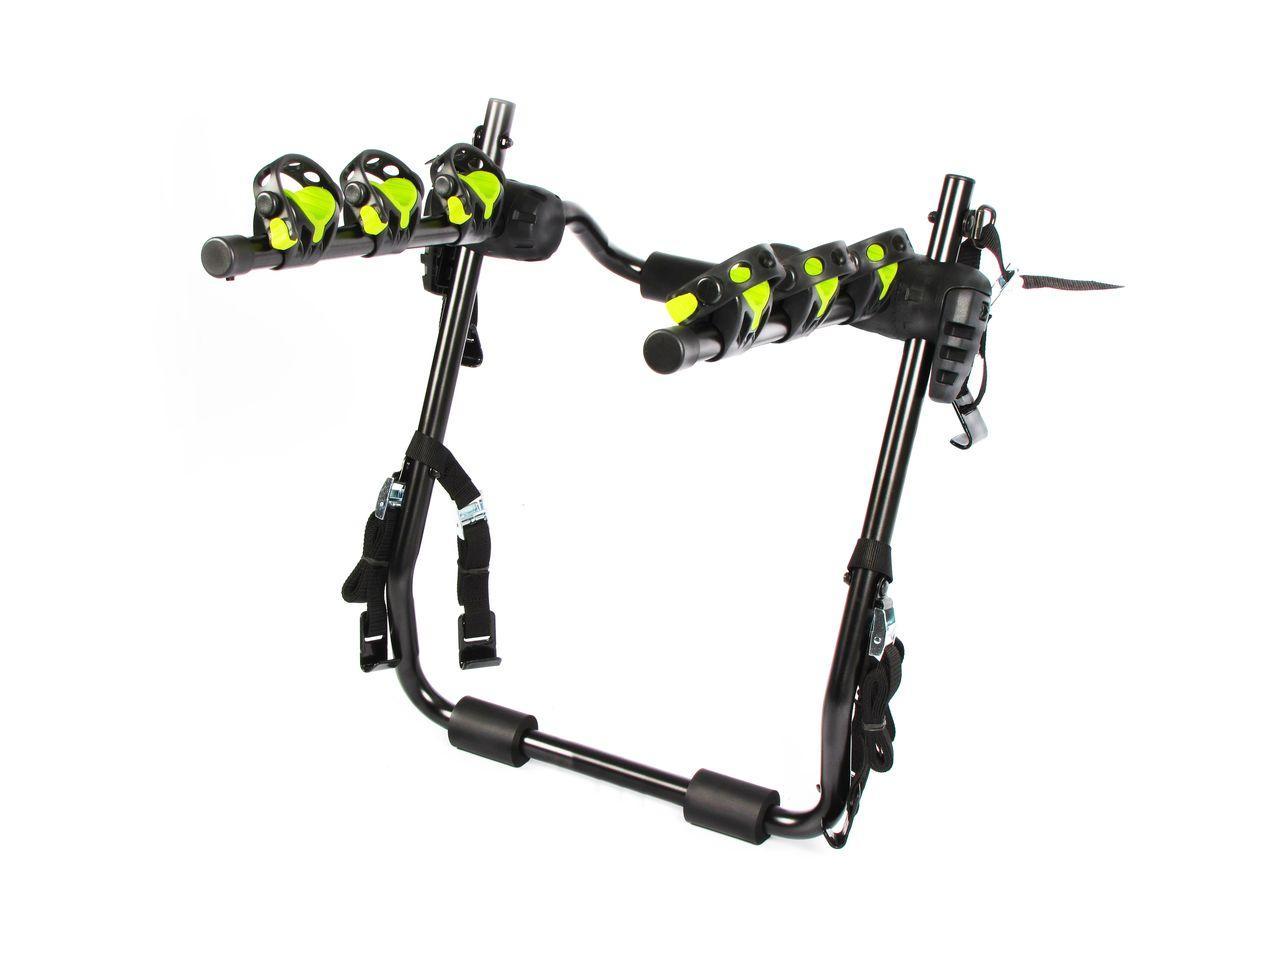 1000 BUZZ RACK Parte traseira do veículo, 4,6kg, 15kg Porta-bicicleta traseira 1000 comprar económica